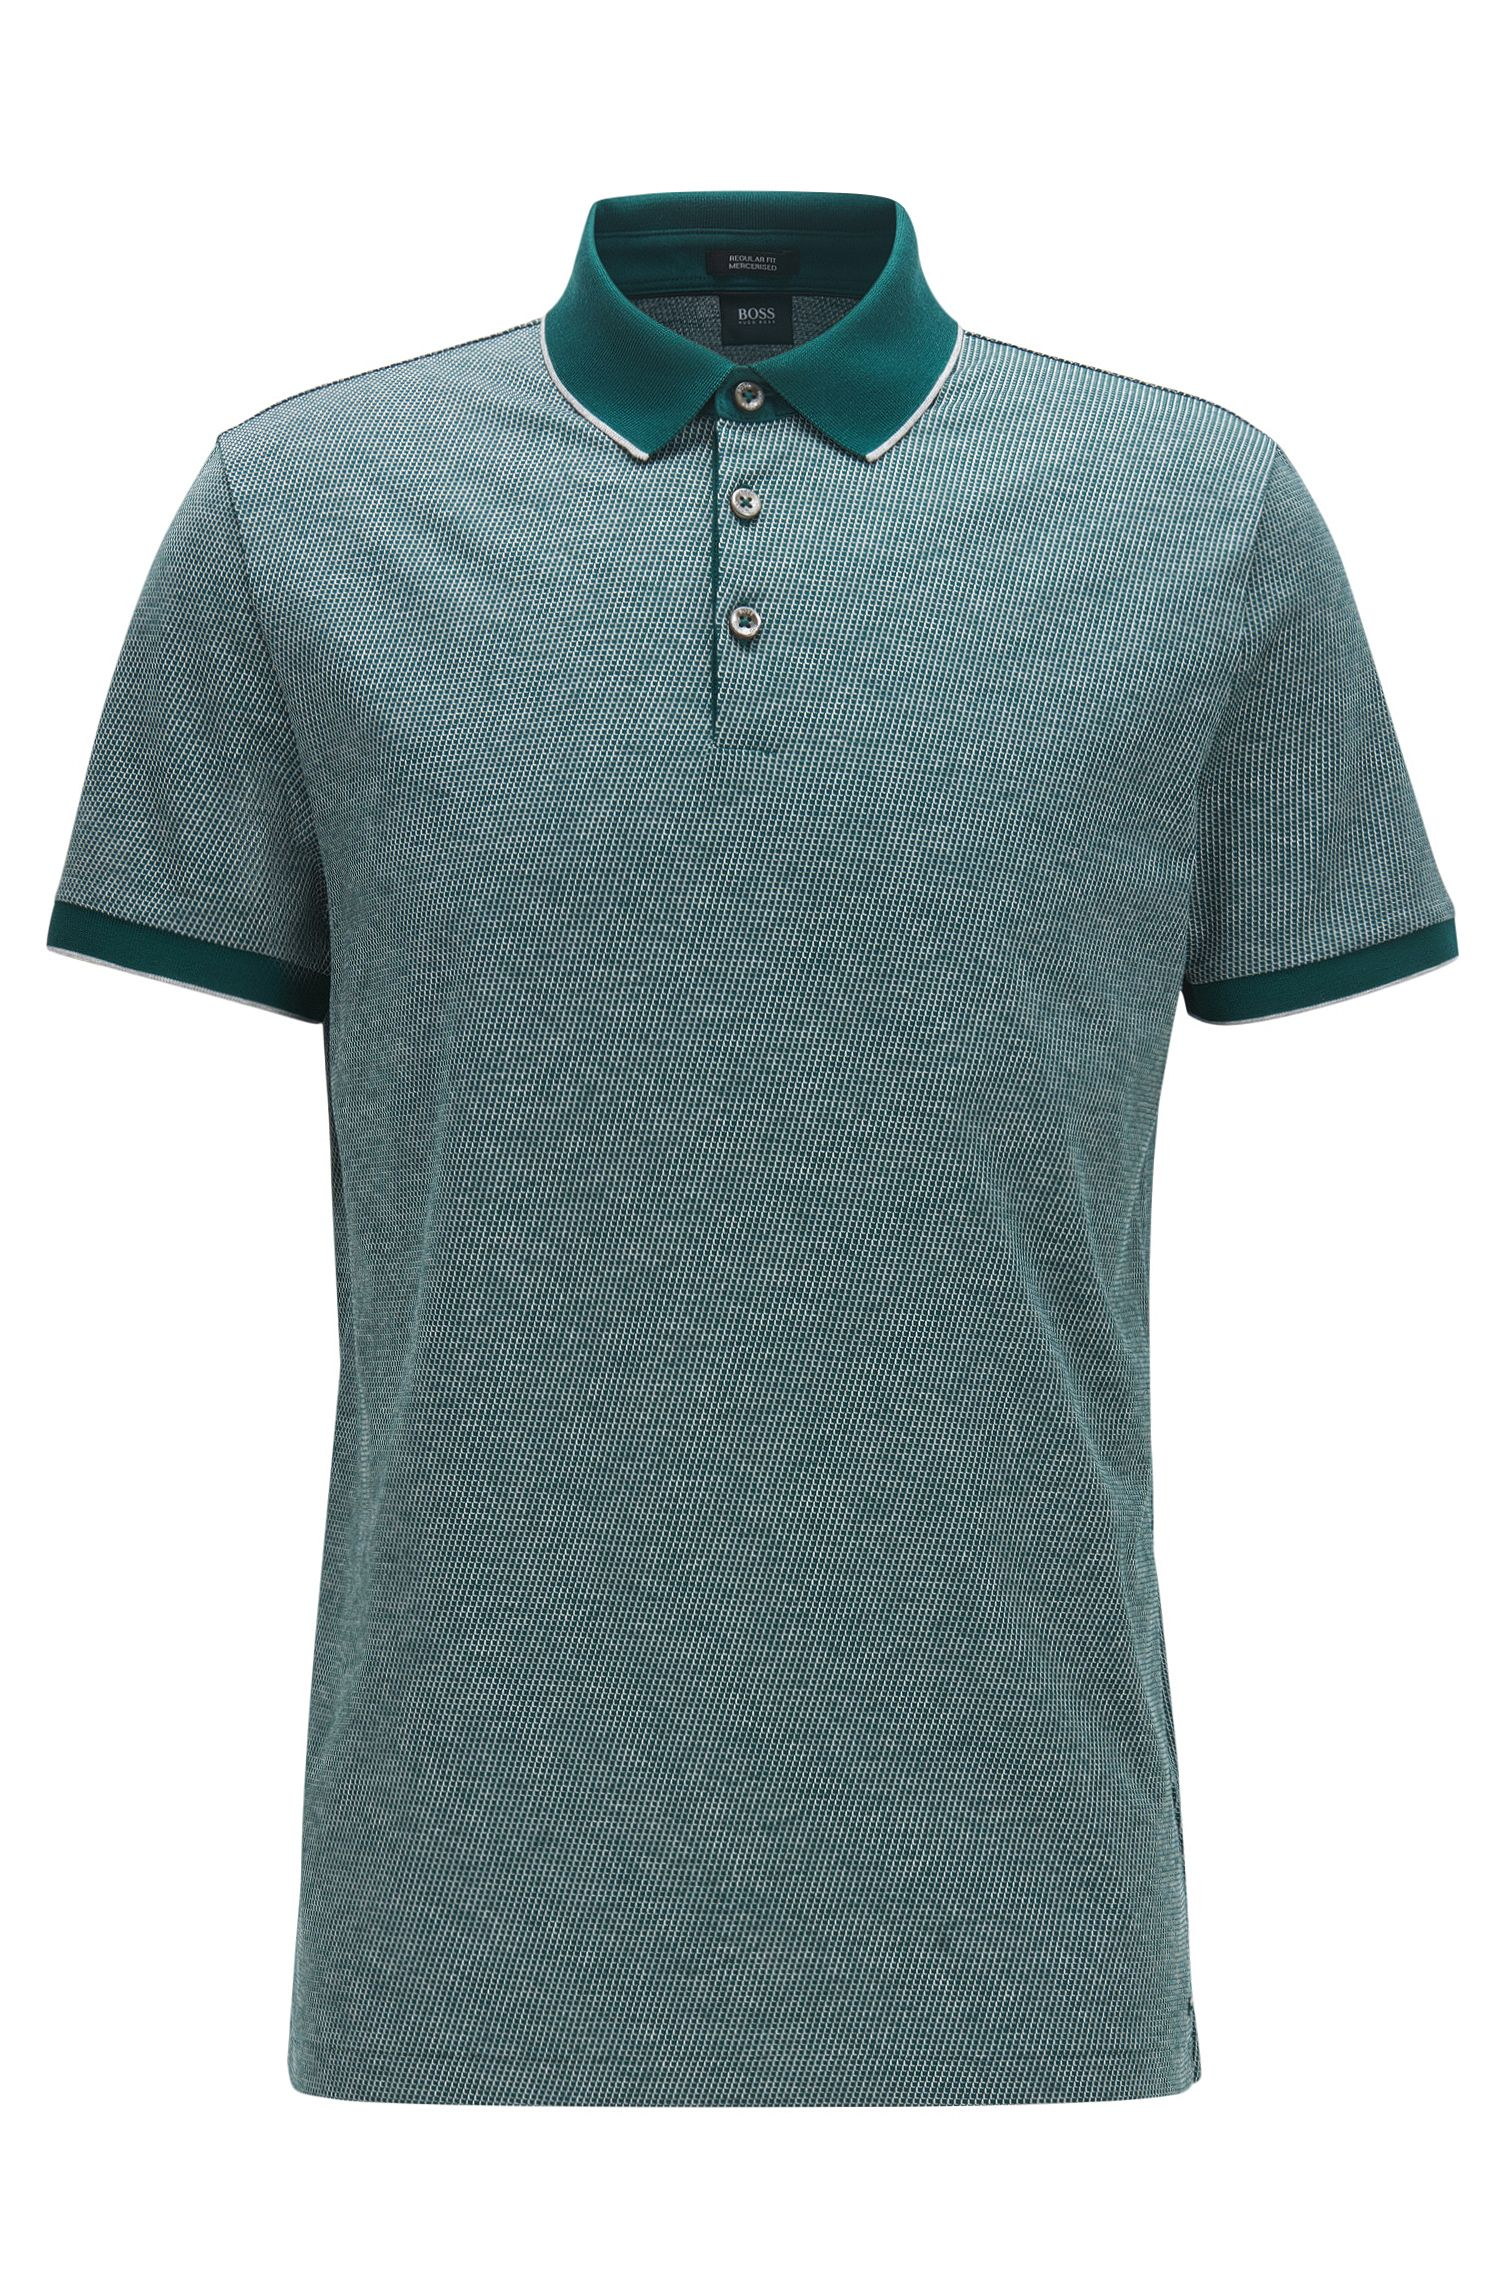 Regular-Fit Poloshirt aus Baumwoll-Jacquard